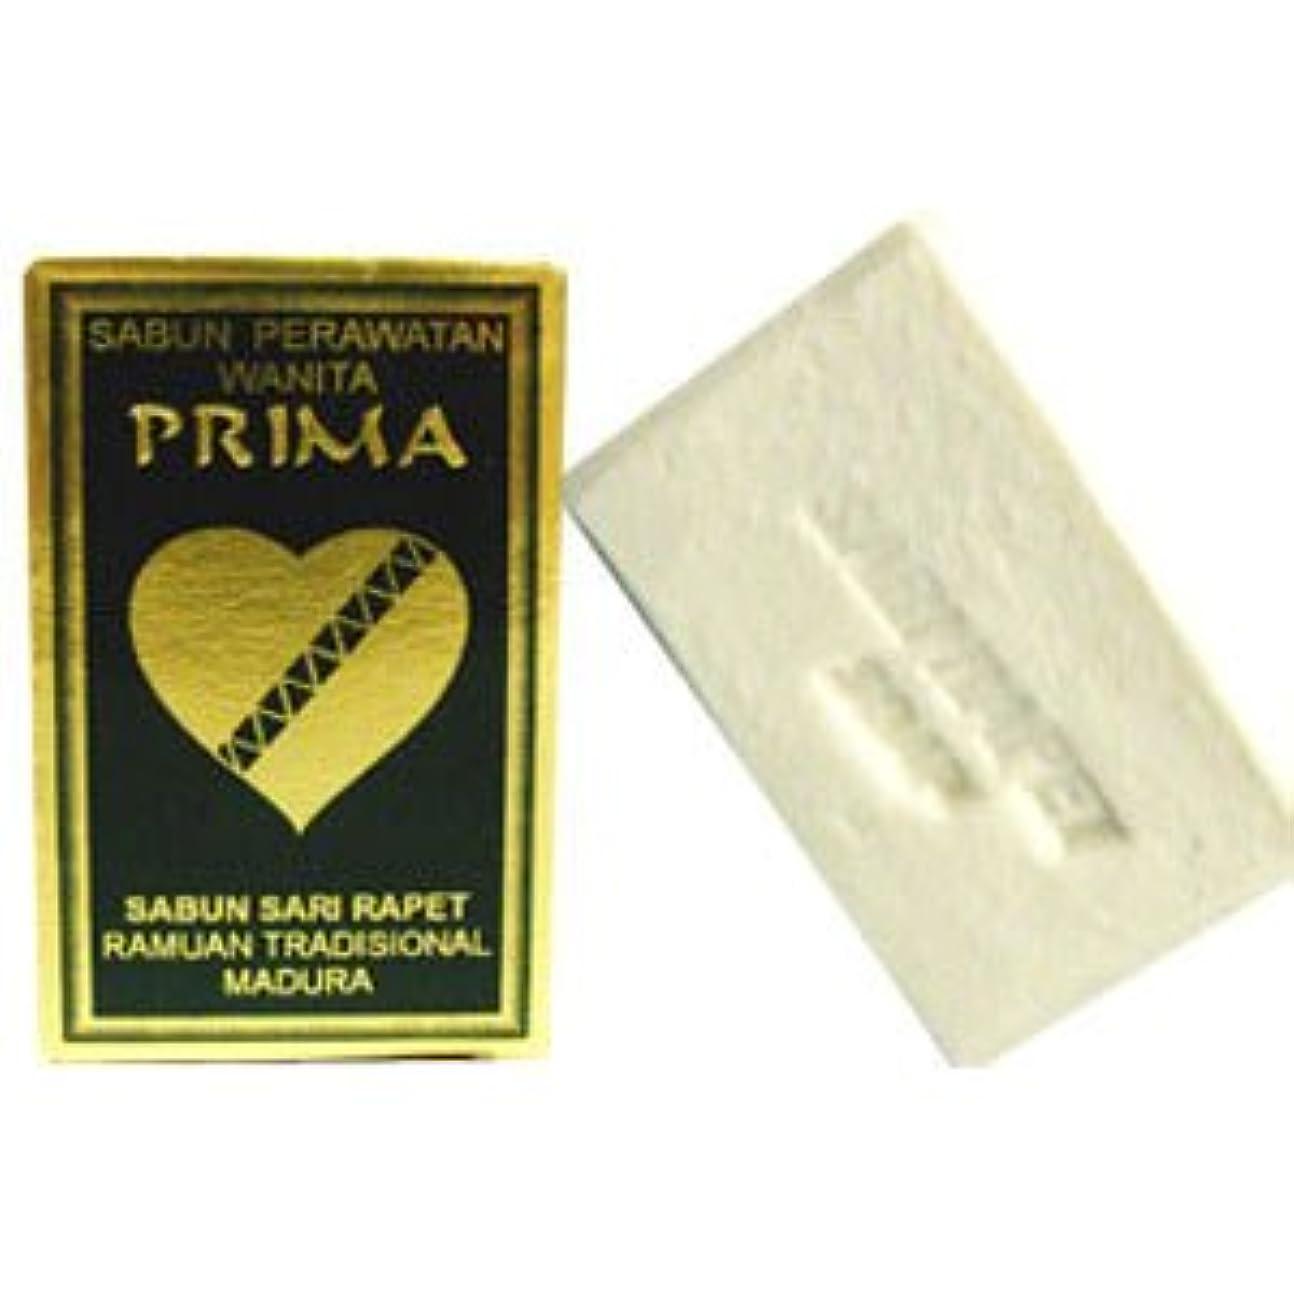 慈悲深い警察署予防接種プリマサリラペソープ